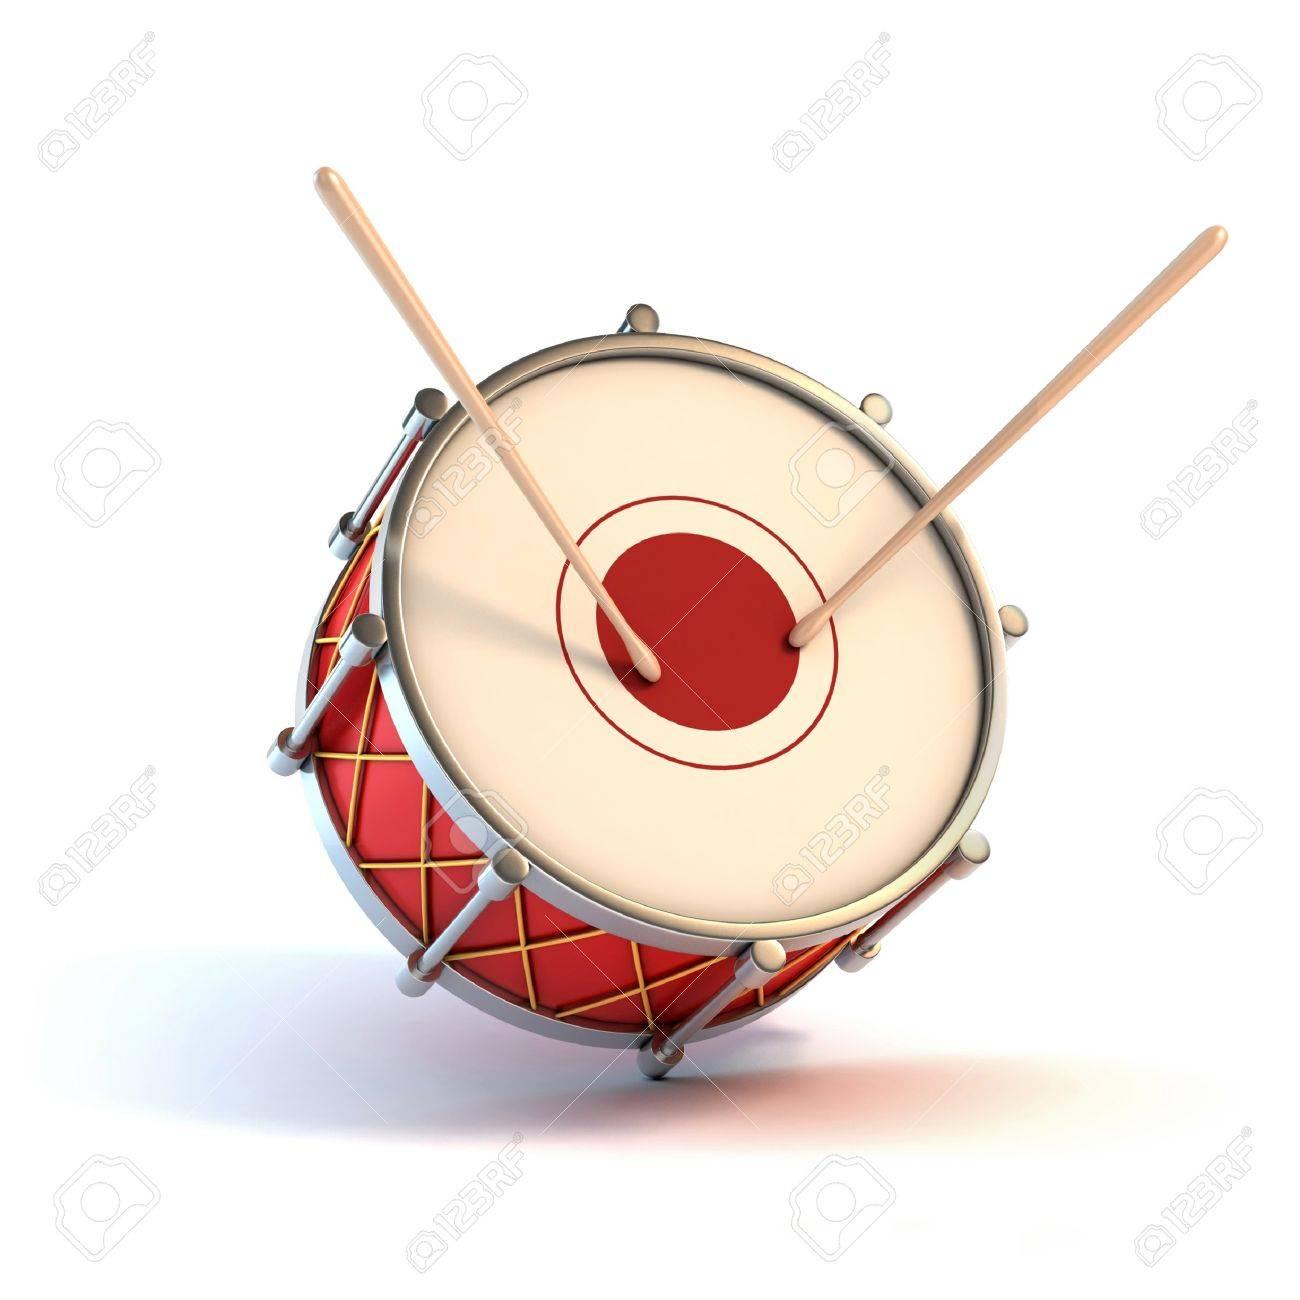 bass drum instrument - announcement 3d concept Stock Photo - 12331328